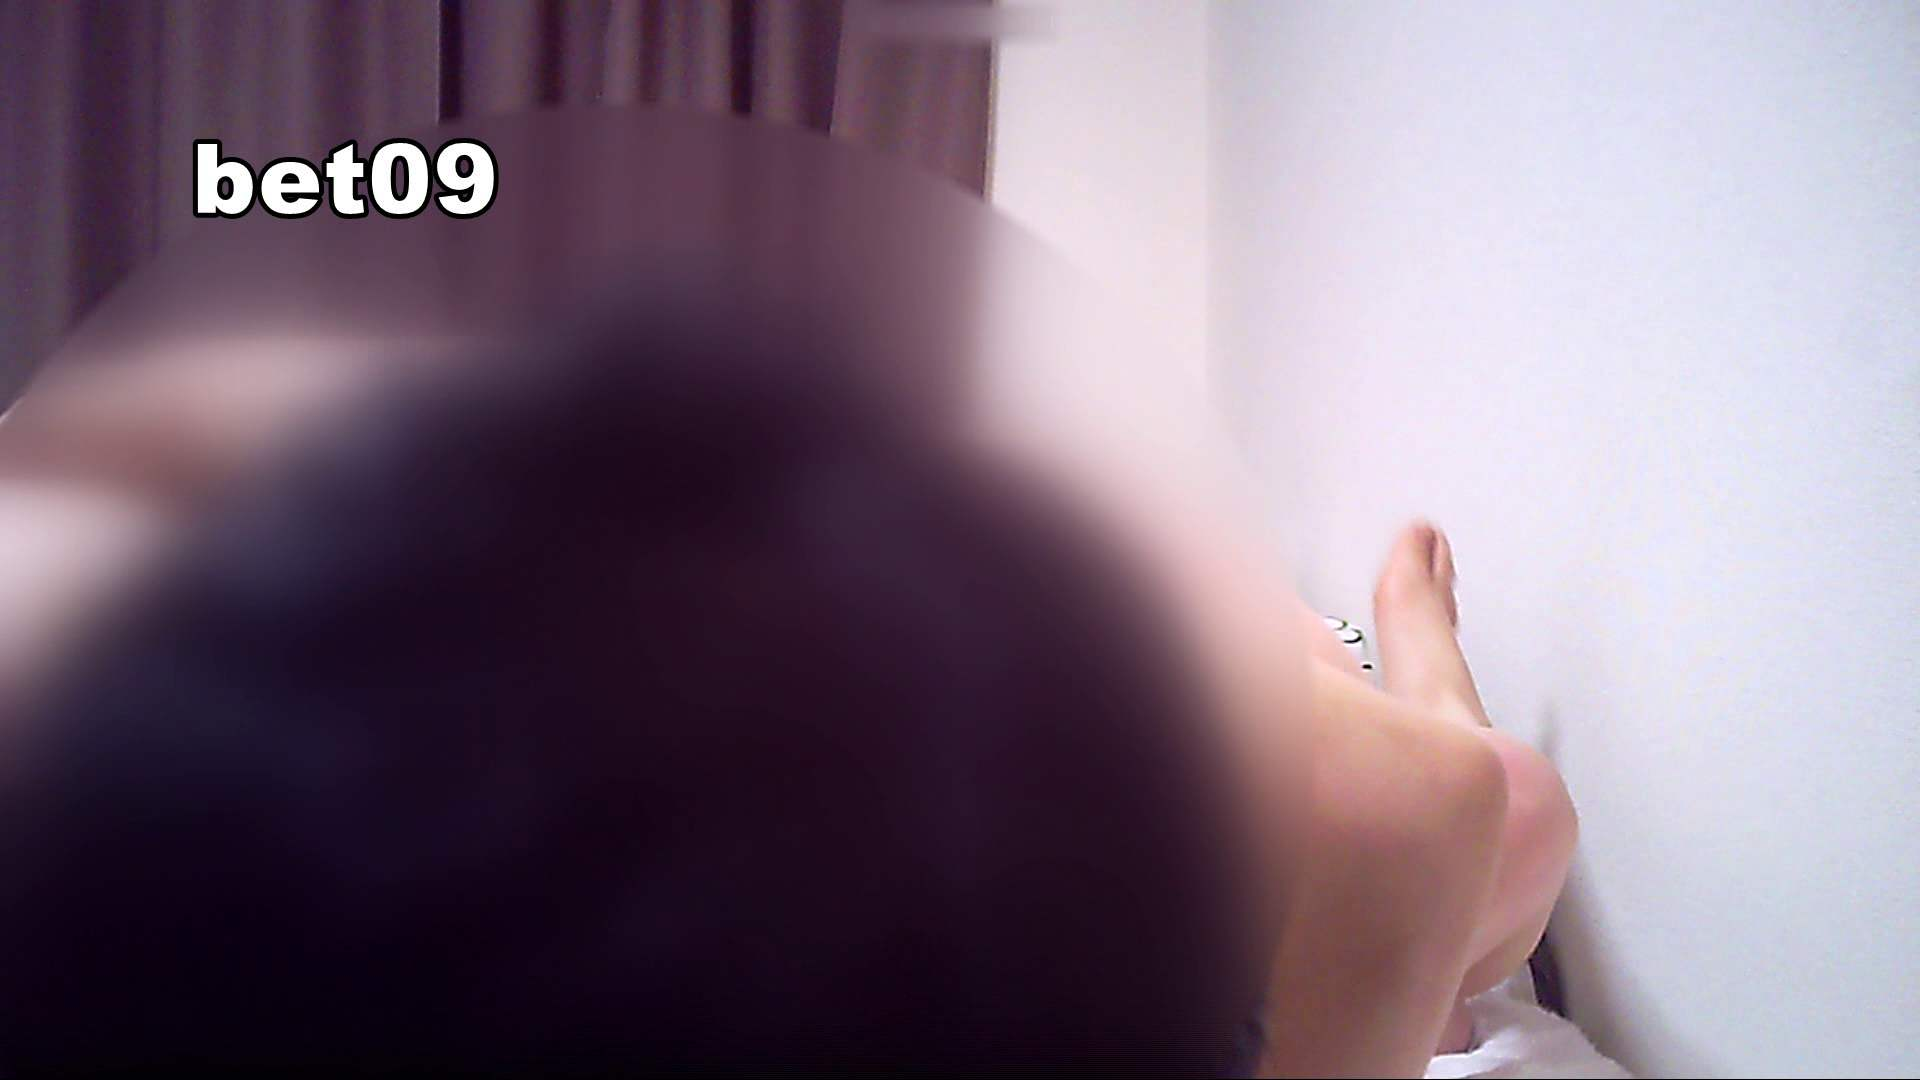 ミキ・大手旅行代理店勤務(24歳・仮名) vol.09 ミキの顔が紅潮してきます リベンジ  46画像 18